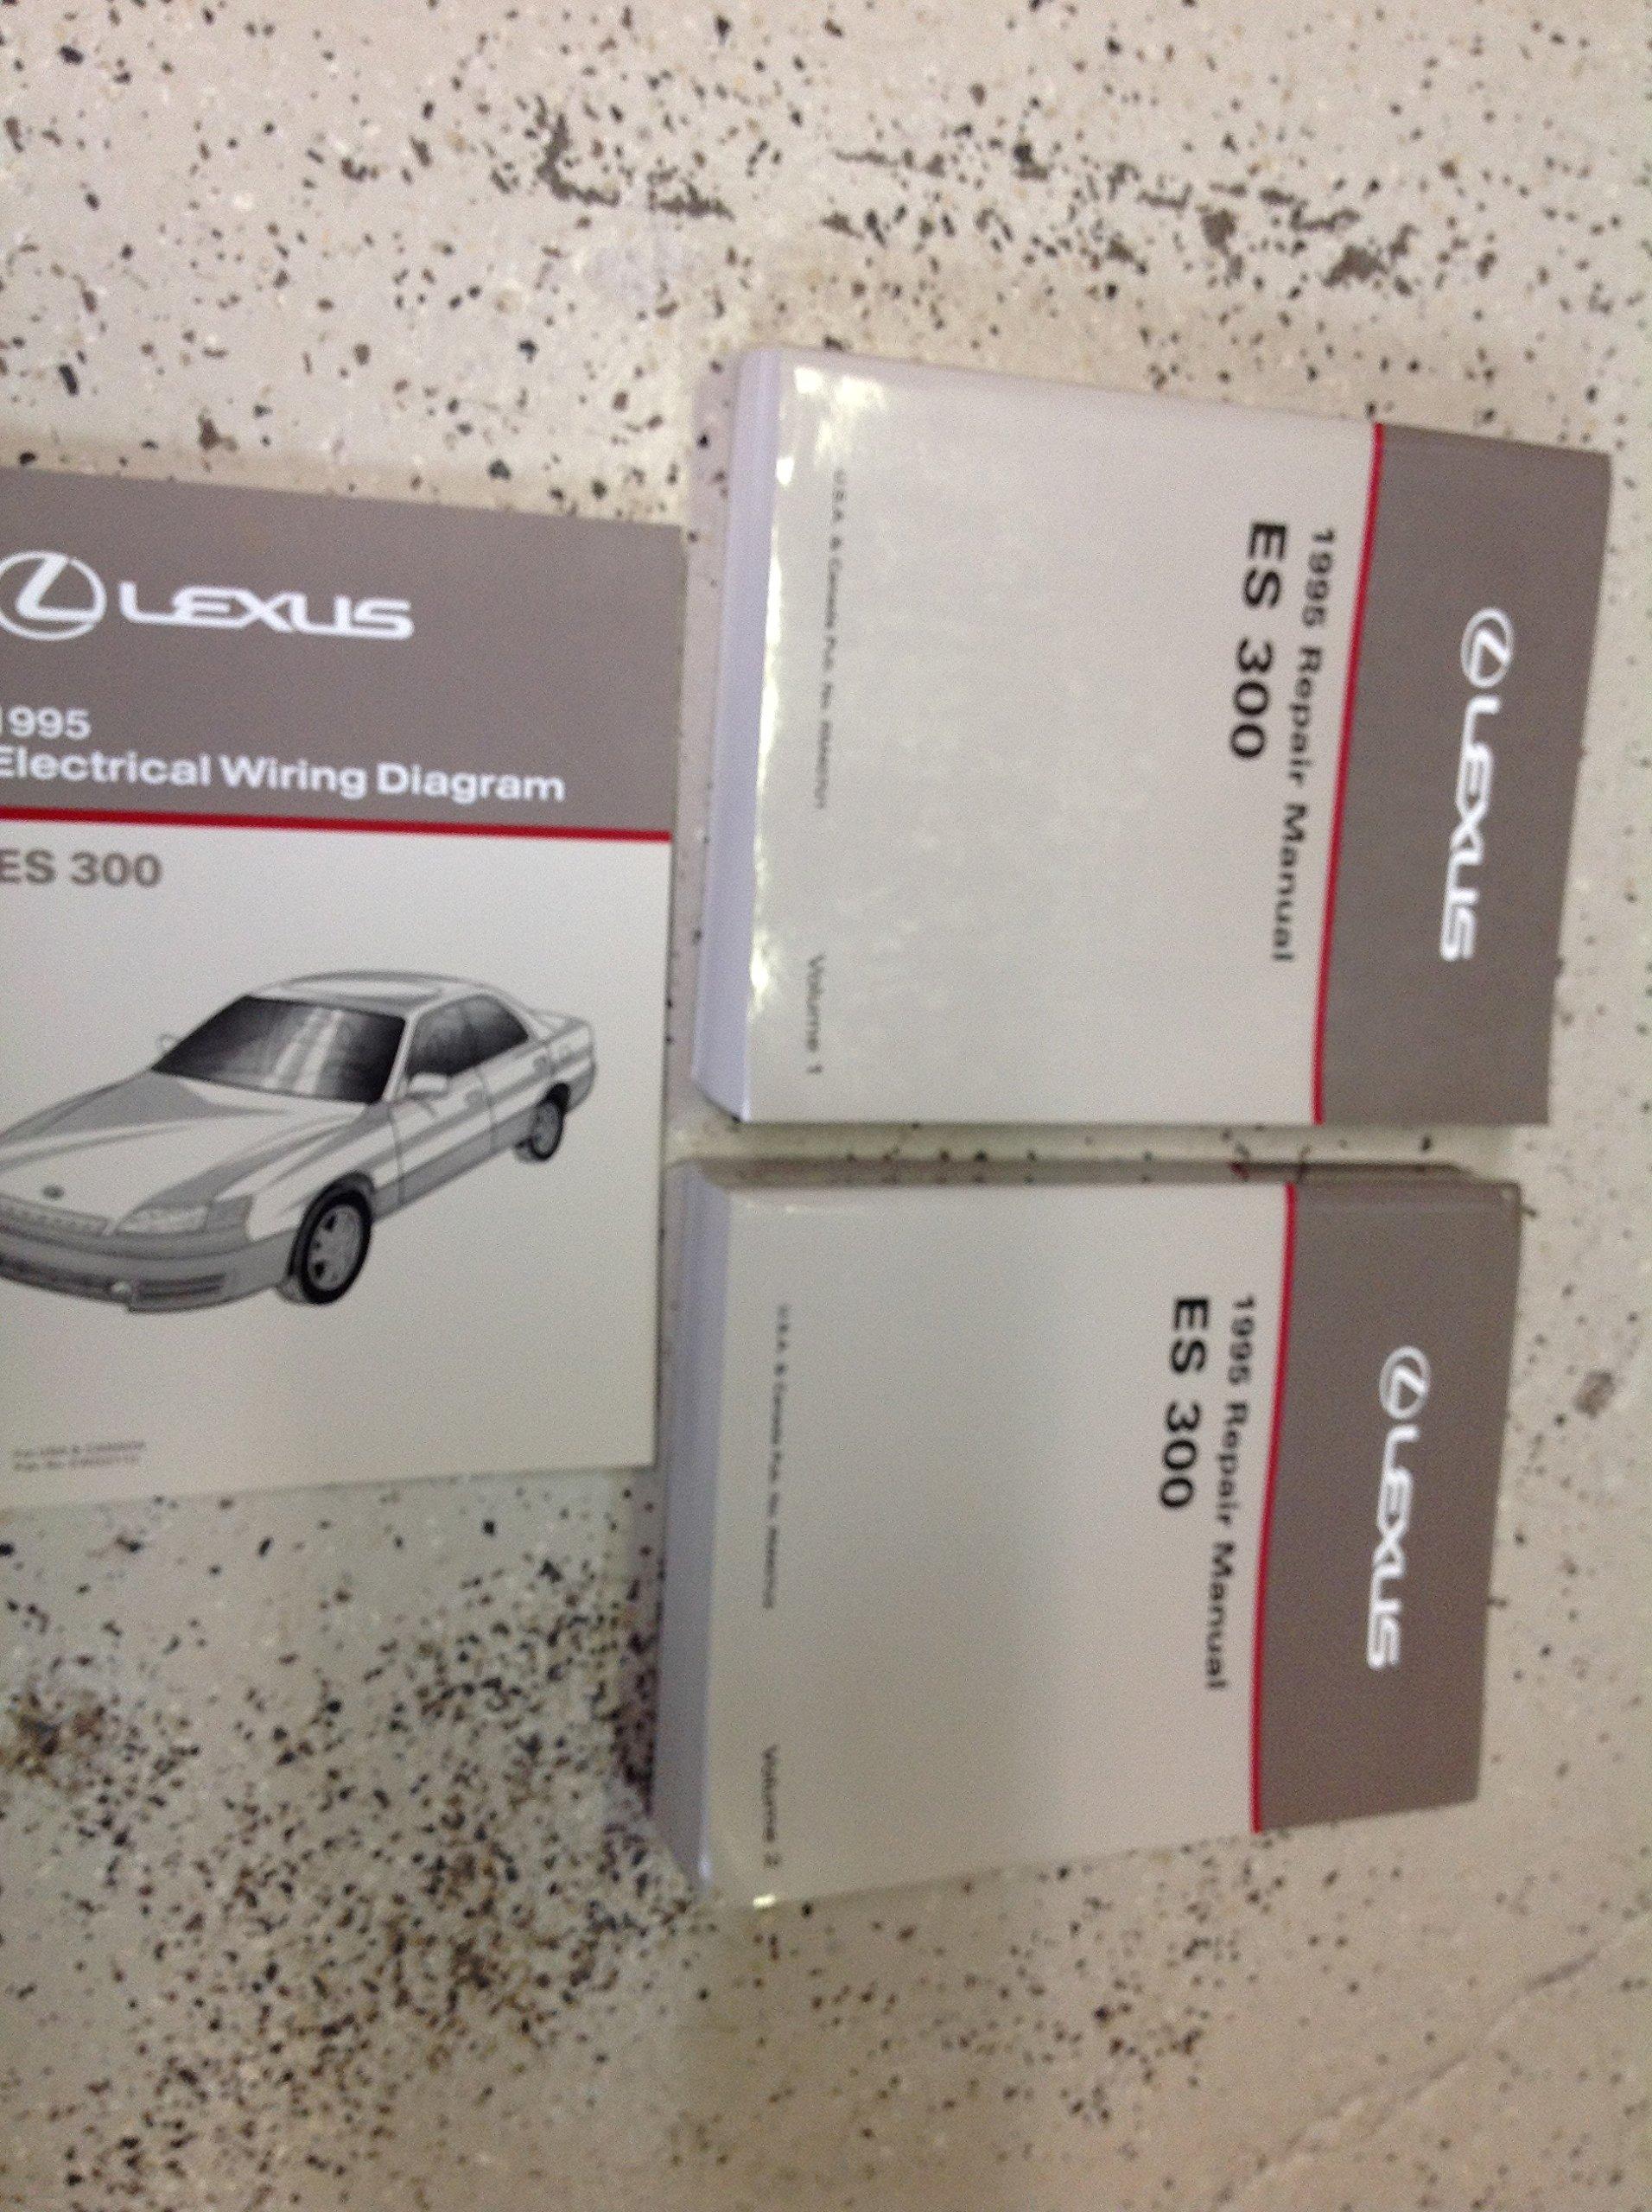 Using Lexus Electrical Wiring Diagram Manual